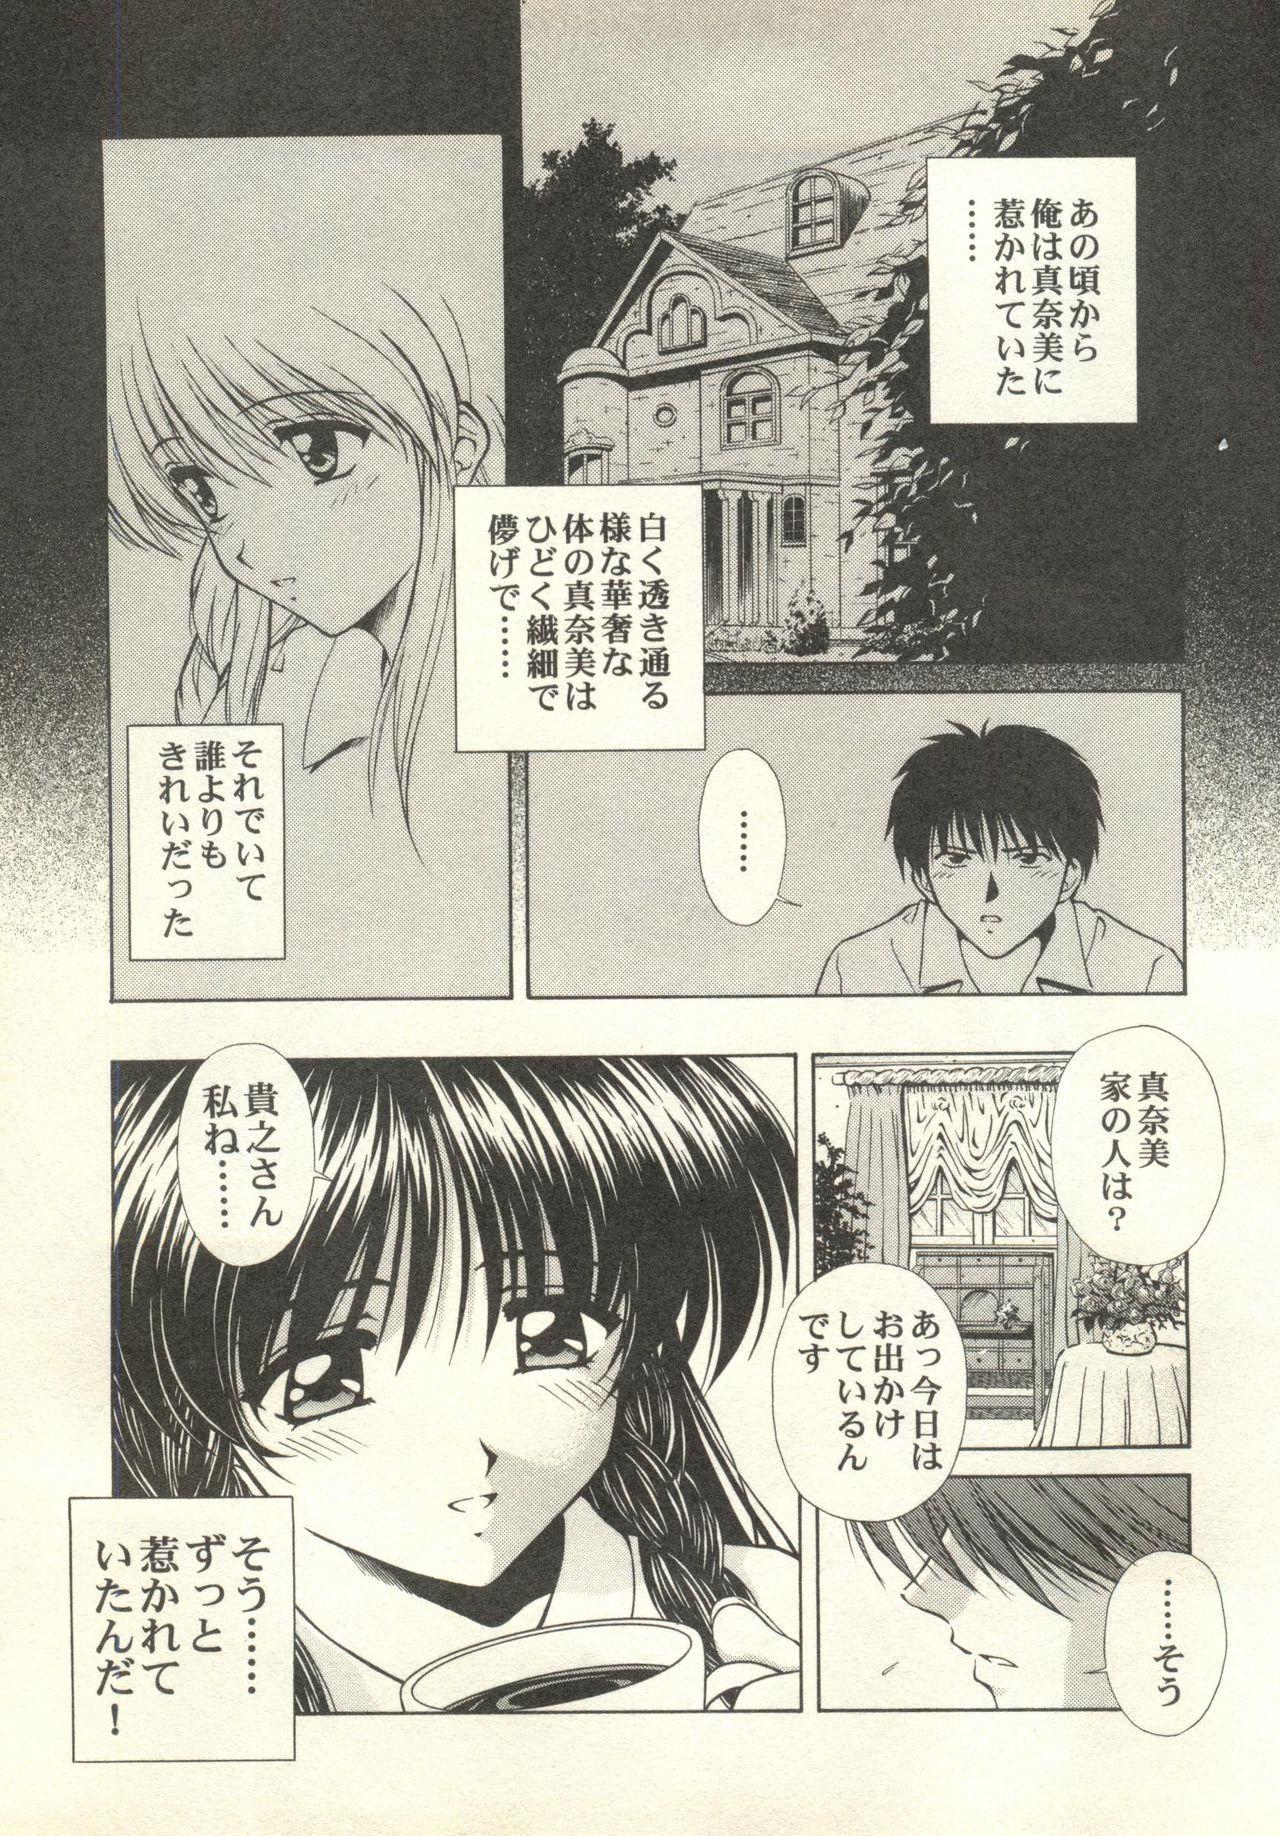 Pai;kuu 1998 July Vol. 11 159